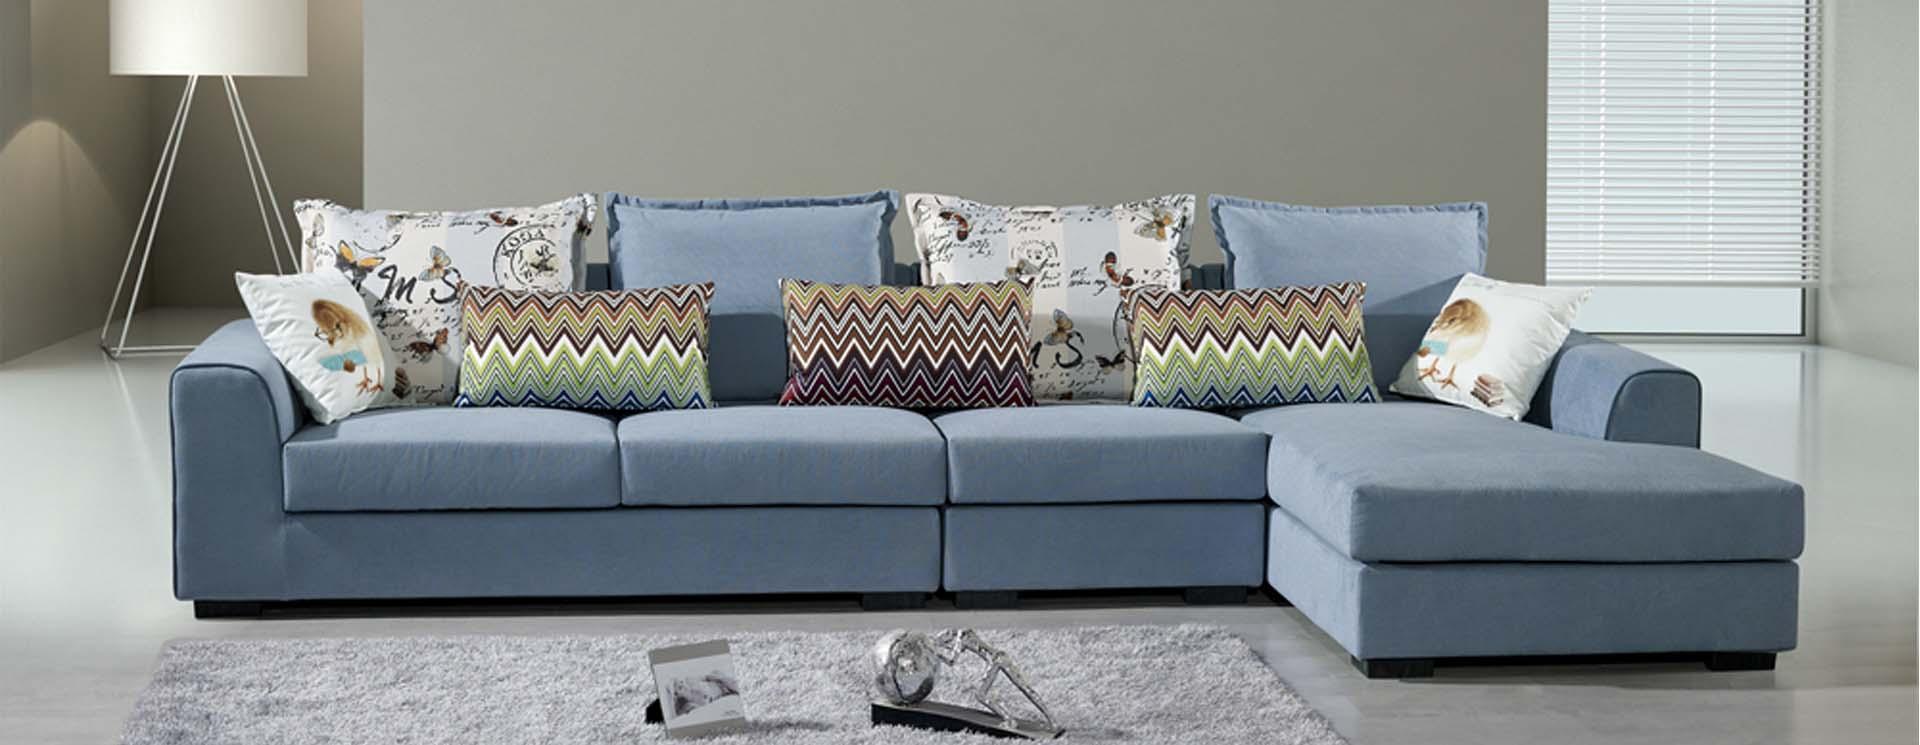 名称:沙发E-632#A<br/> 市场价:<font style='color:#999;text-decoration:line-through;'>¥0</font><br />全国统一零售价:<font color='Red'>¥0.0</font>